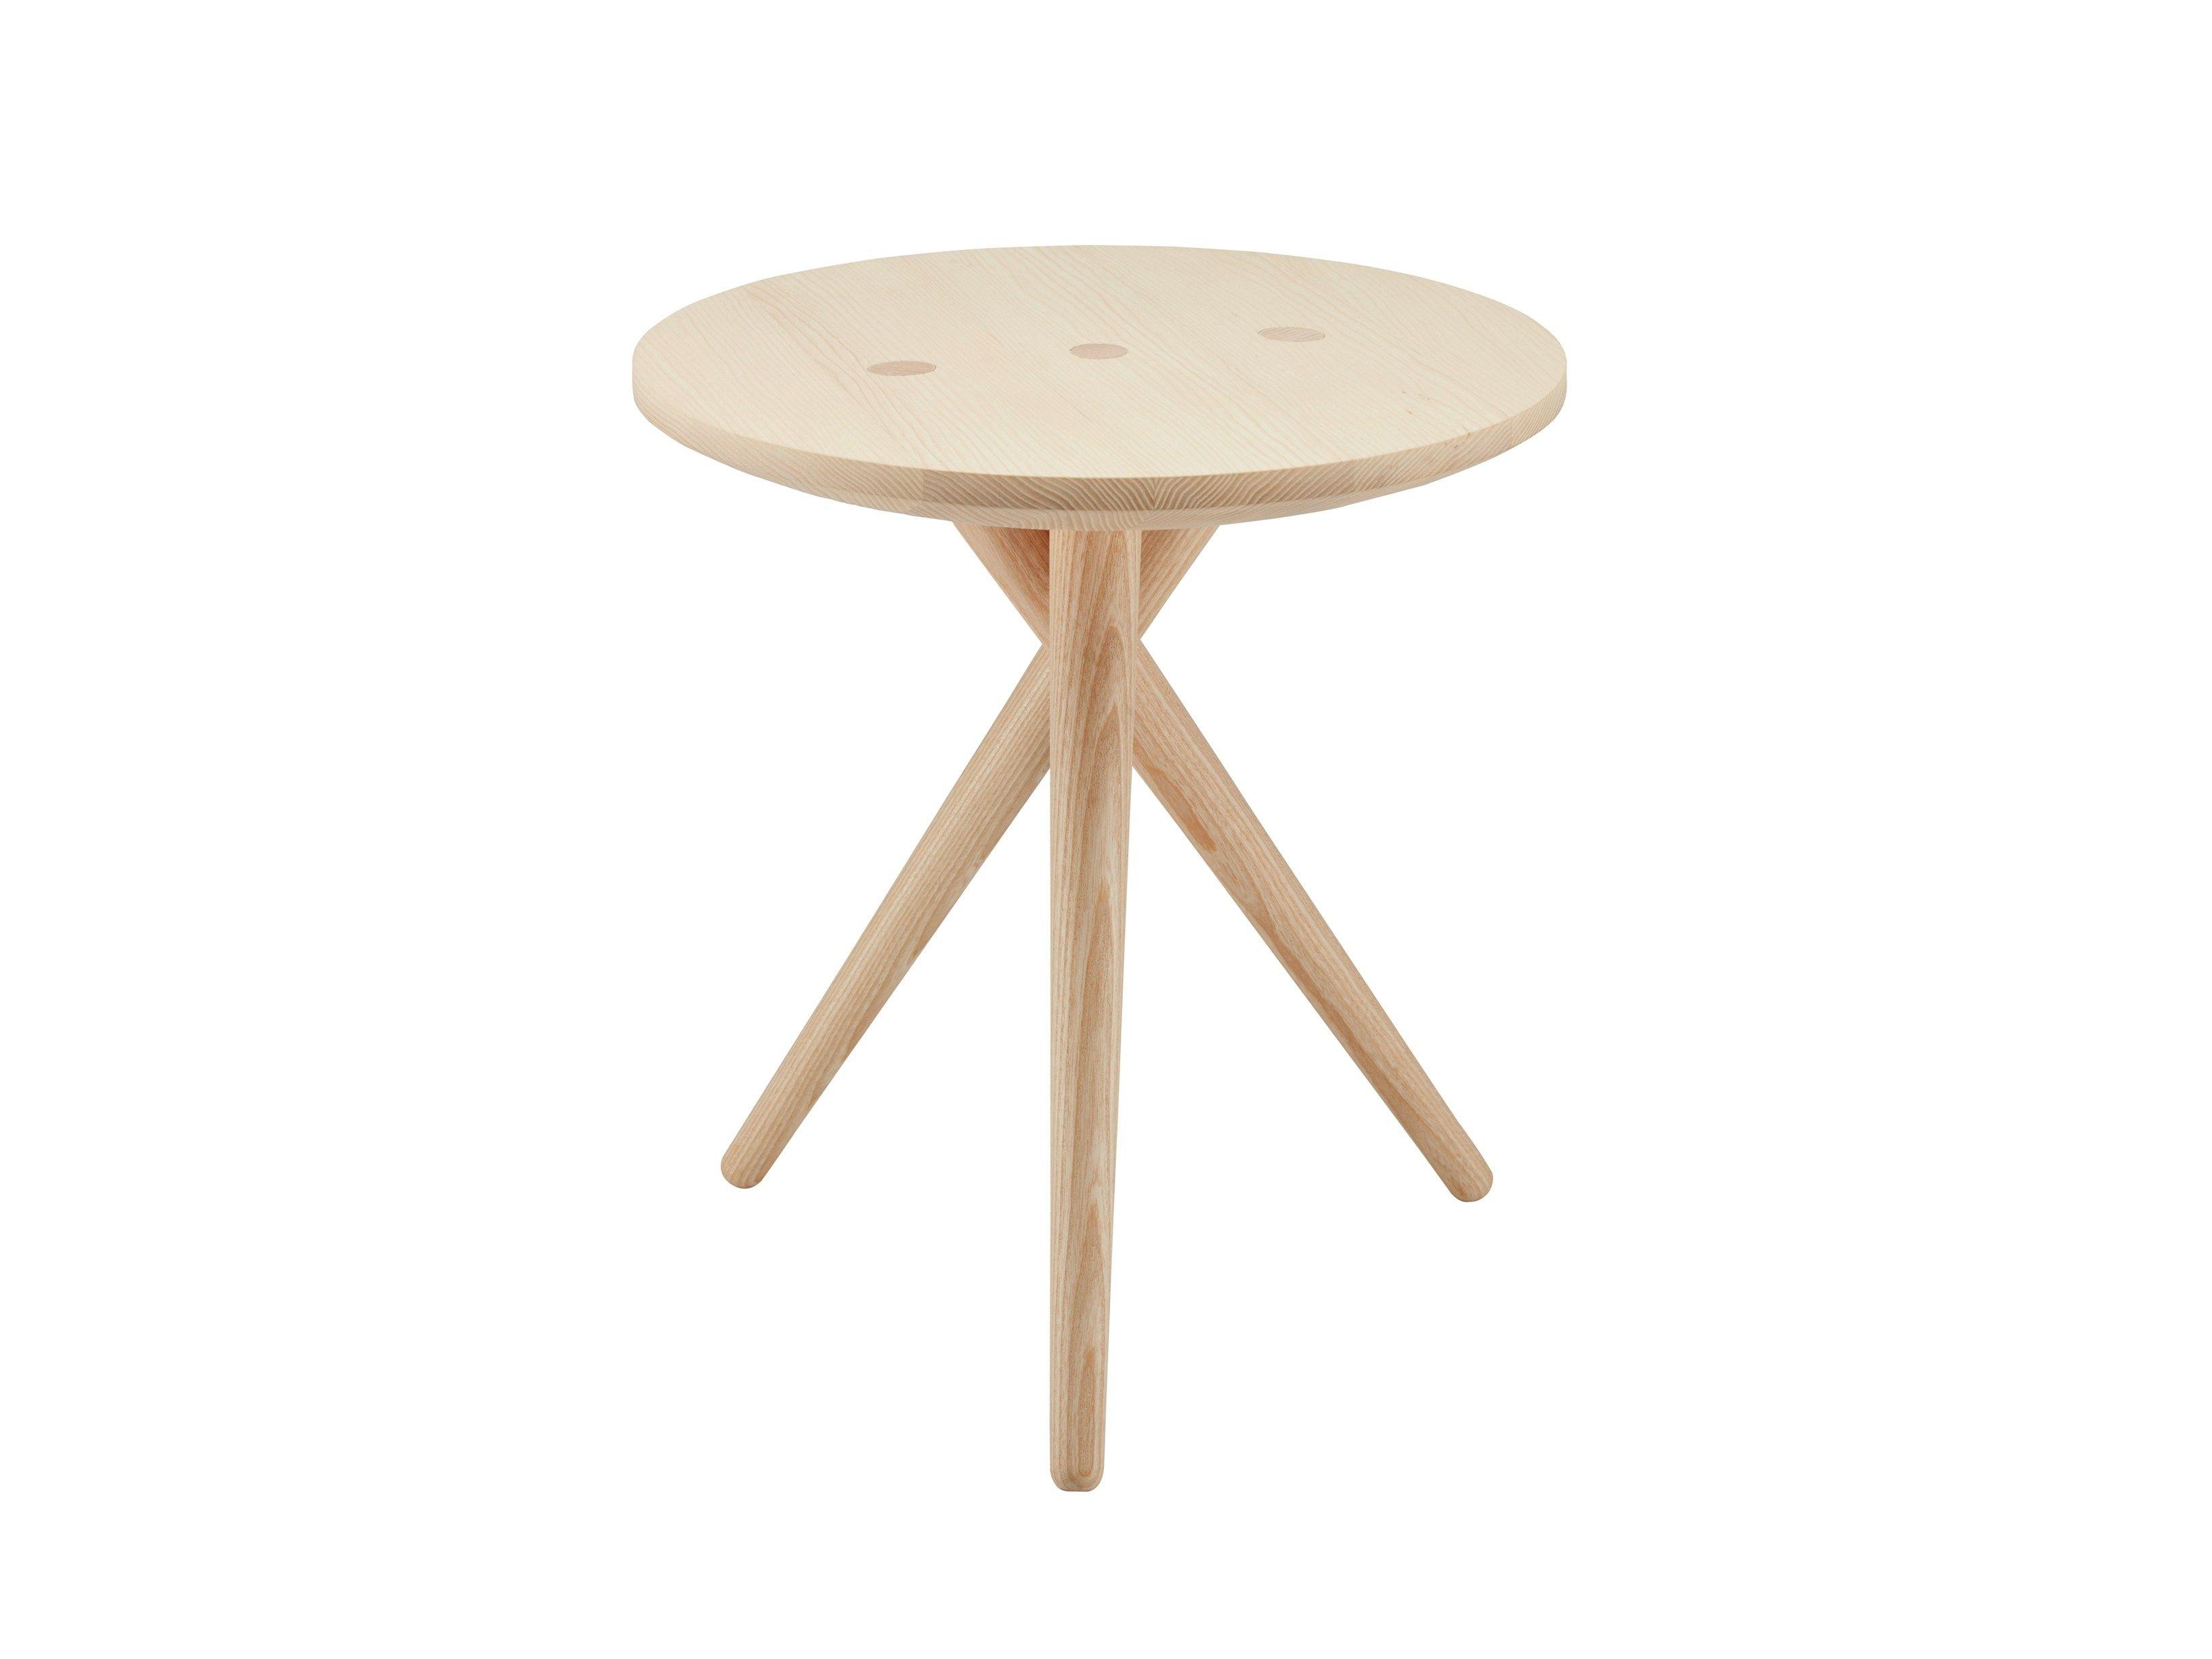 735d7d1aaba94f9ba0331cfad8399011 Meilleur De De Table Basse Bois Moderne Concept